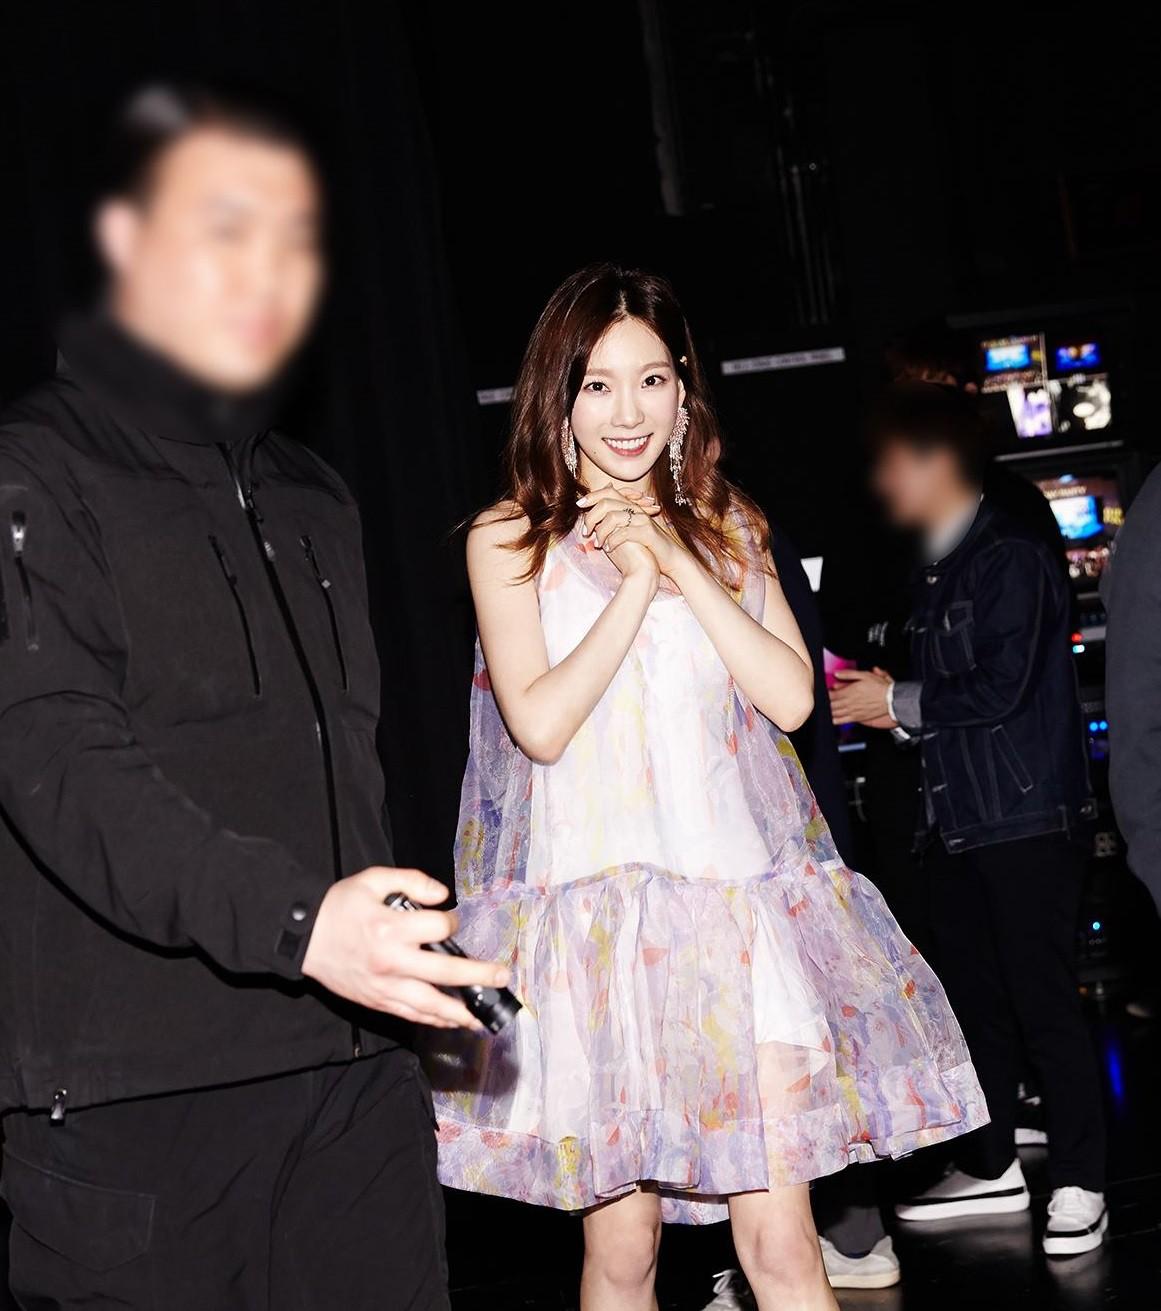 Mặc đẹp suốt ngày, sao Taeyeon lại chọn đúng váy như quả cầu lông để mặc trong sinh nhật thế này - Ảnh 4.